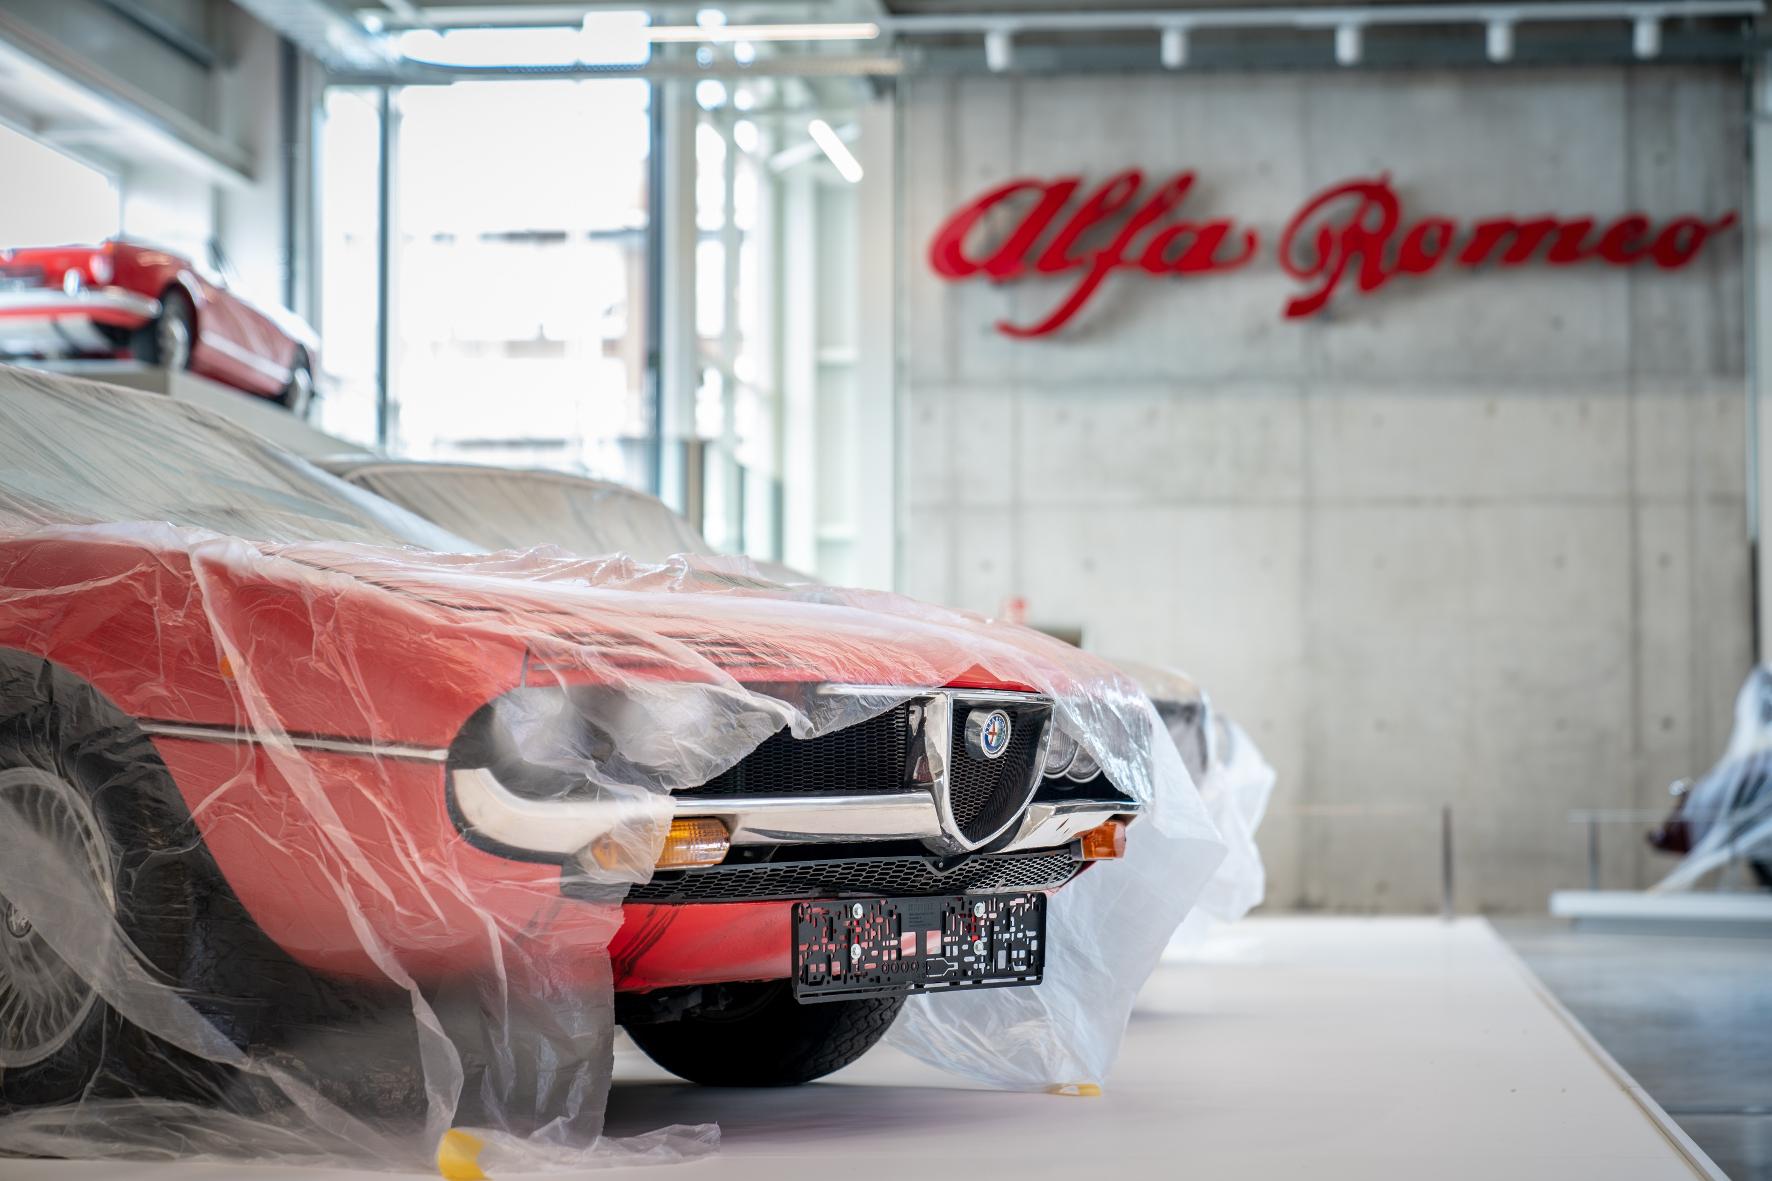 mid Groß-Gerau - Im Technik-Museum Sinsheim sind 25 Exponate rund um die italienische Automarke Alfa Romeo zu bestaunen. FCA